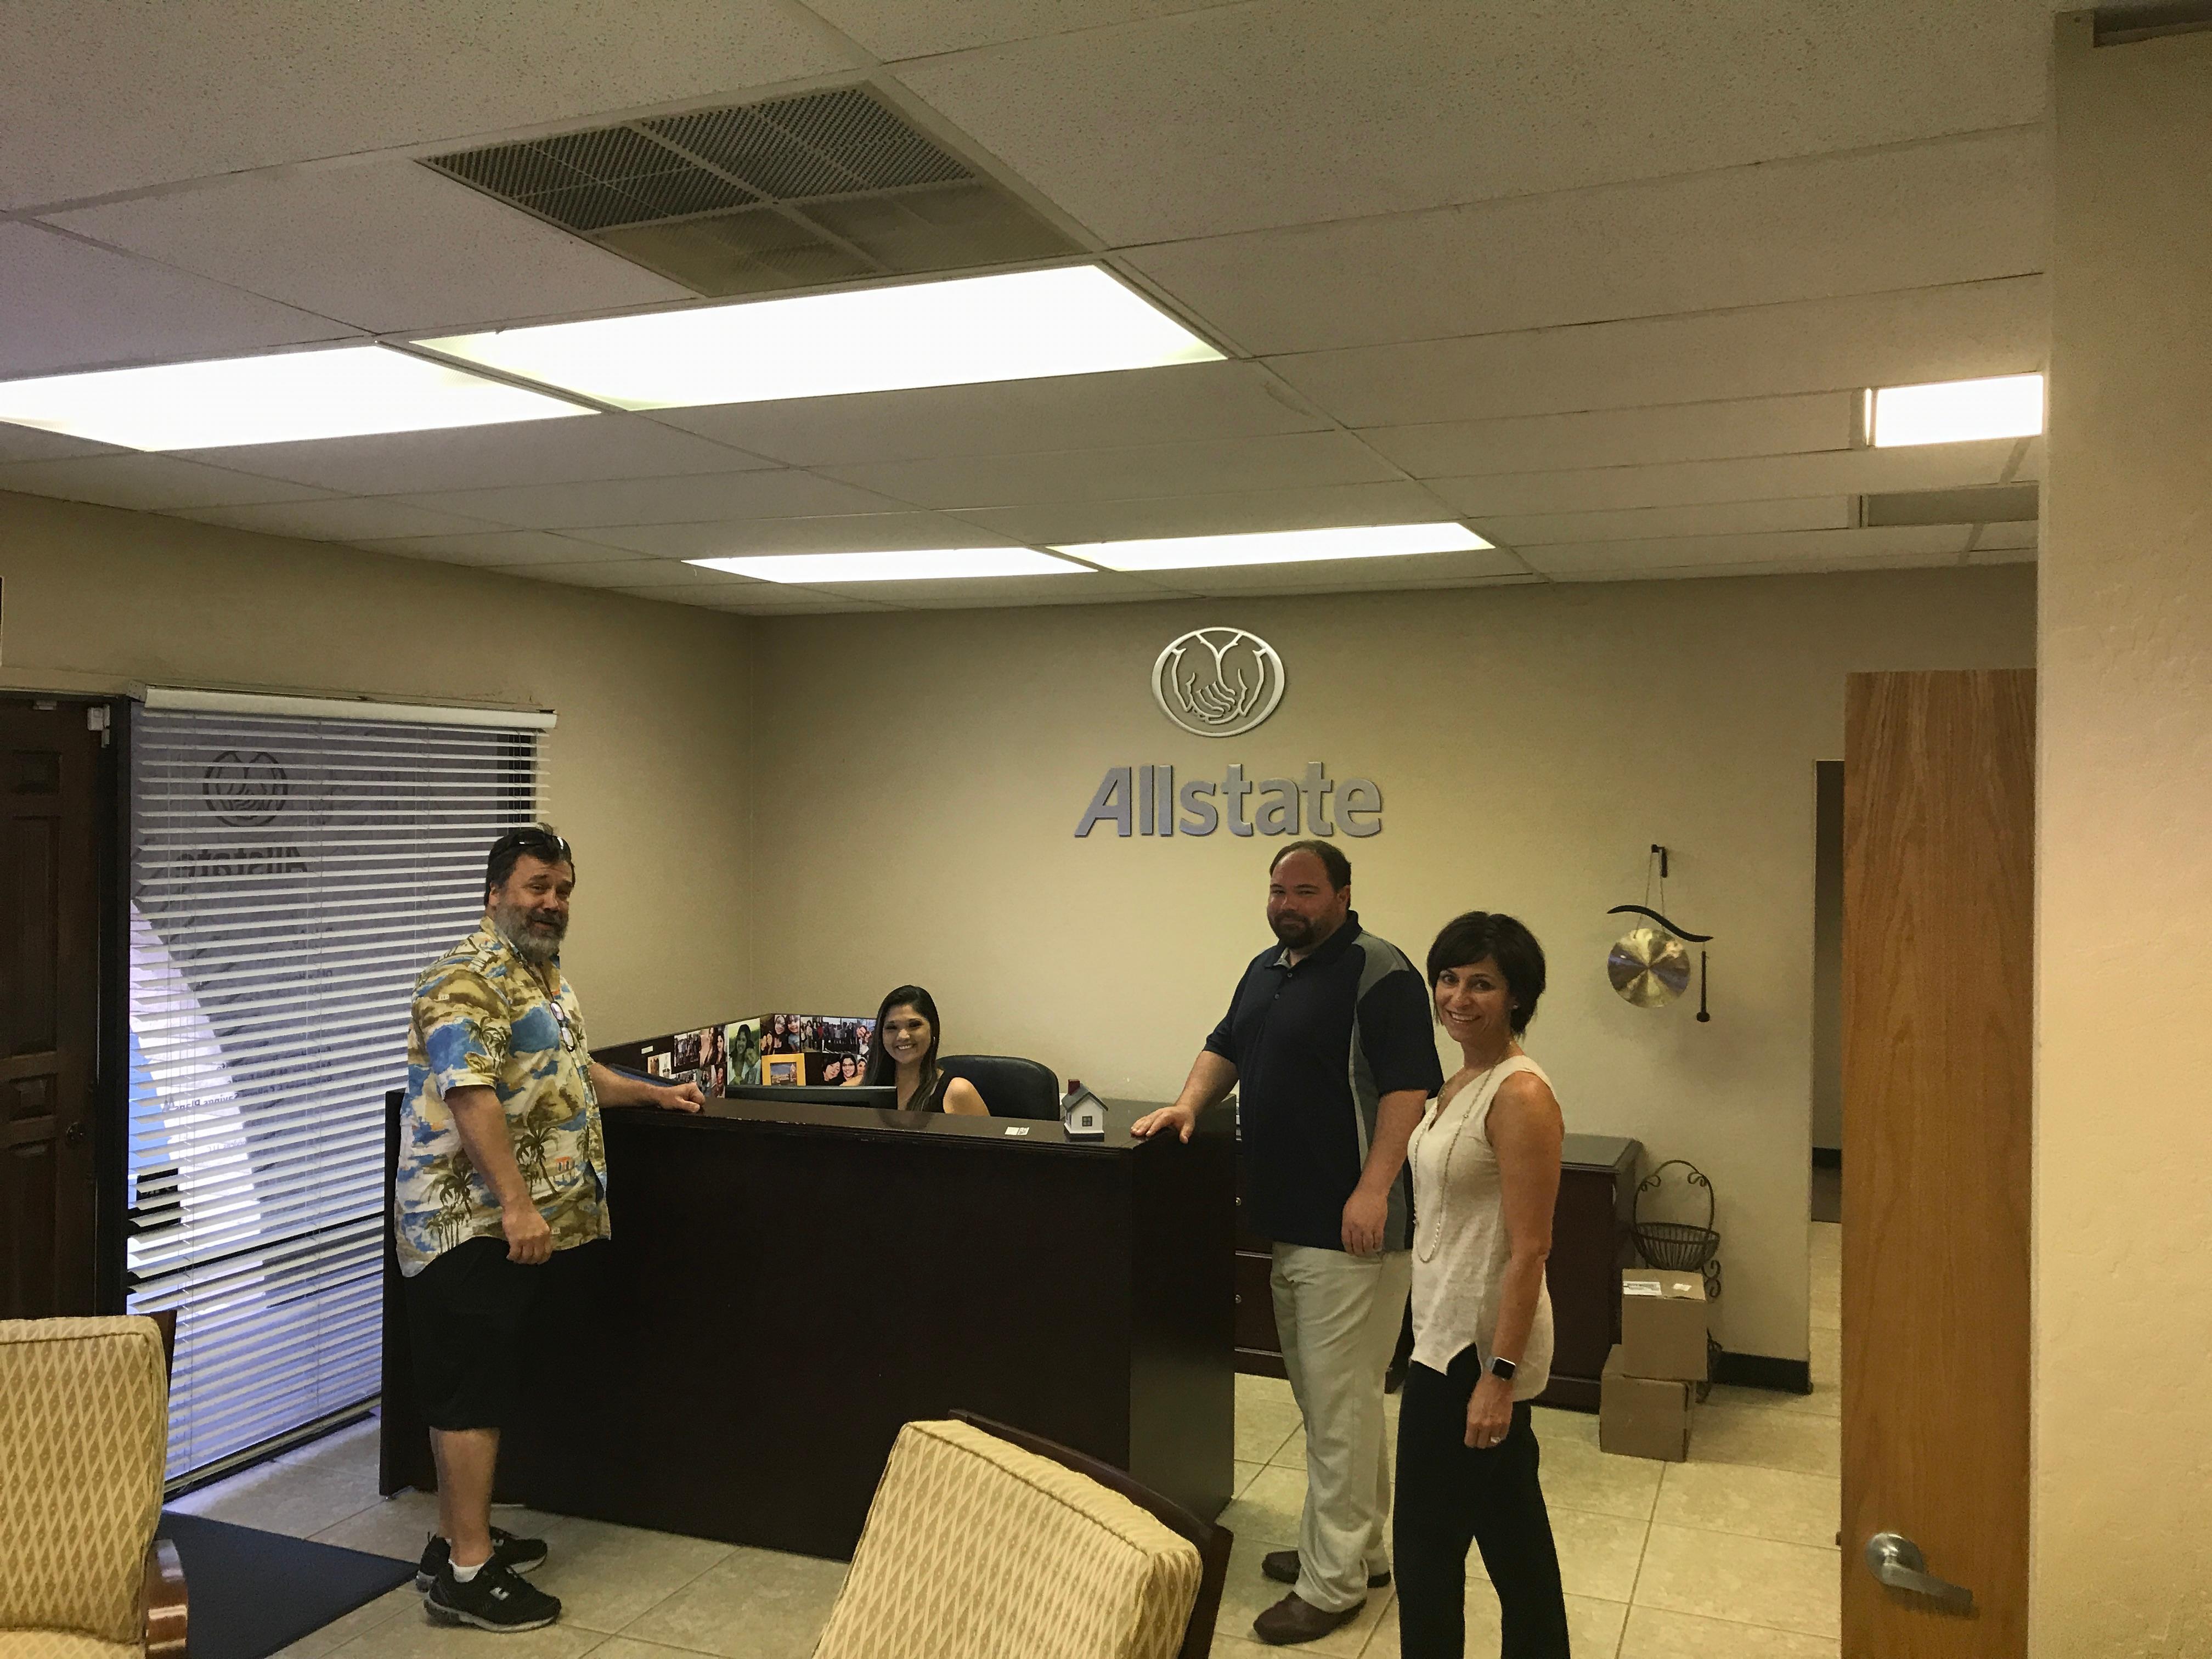 Luke Dale: Allstate Insurance image 3